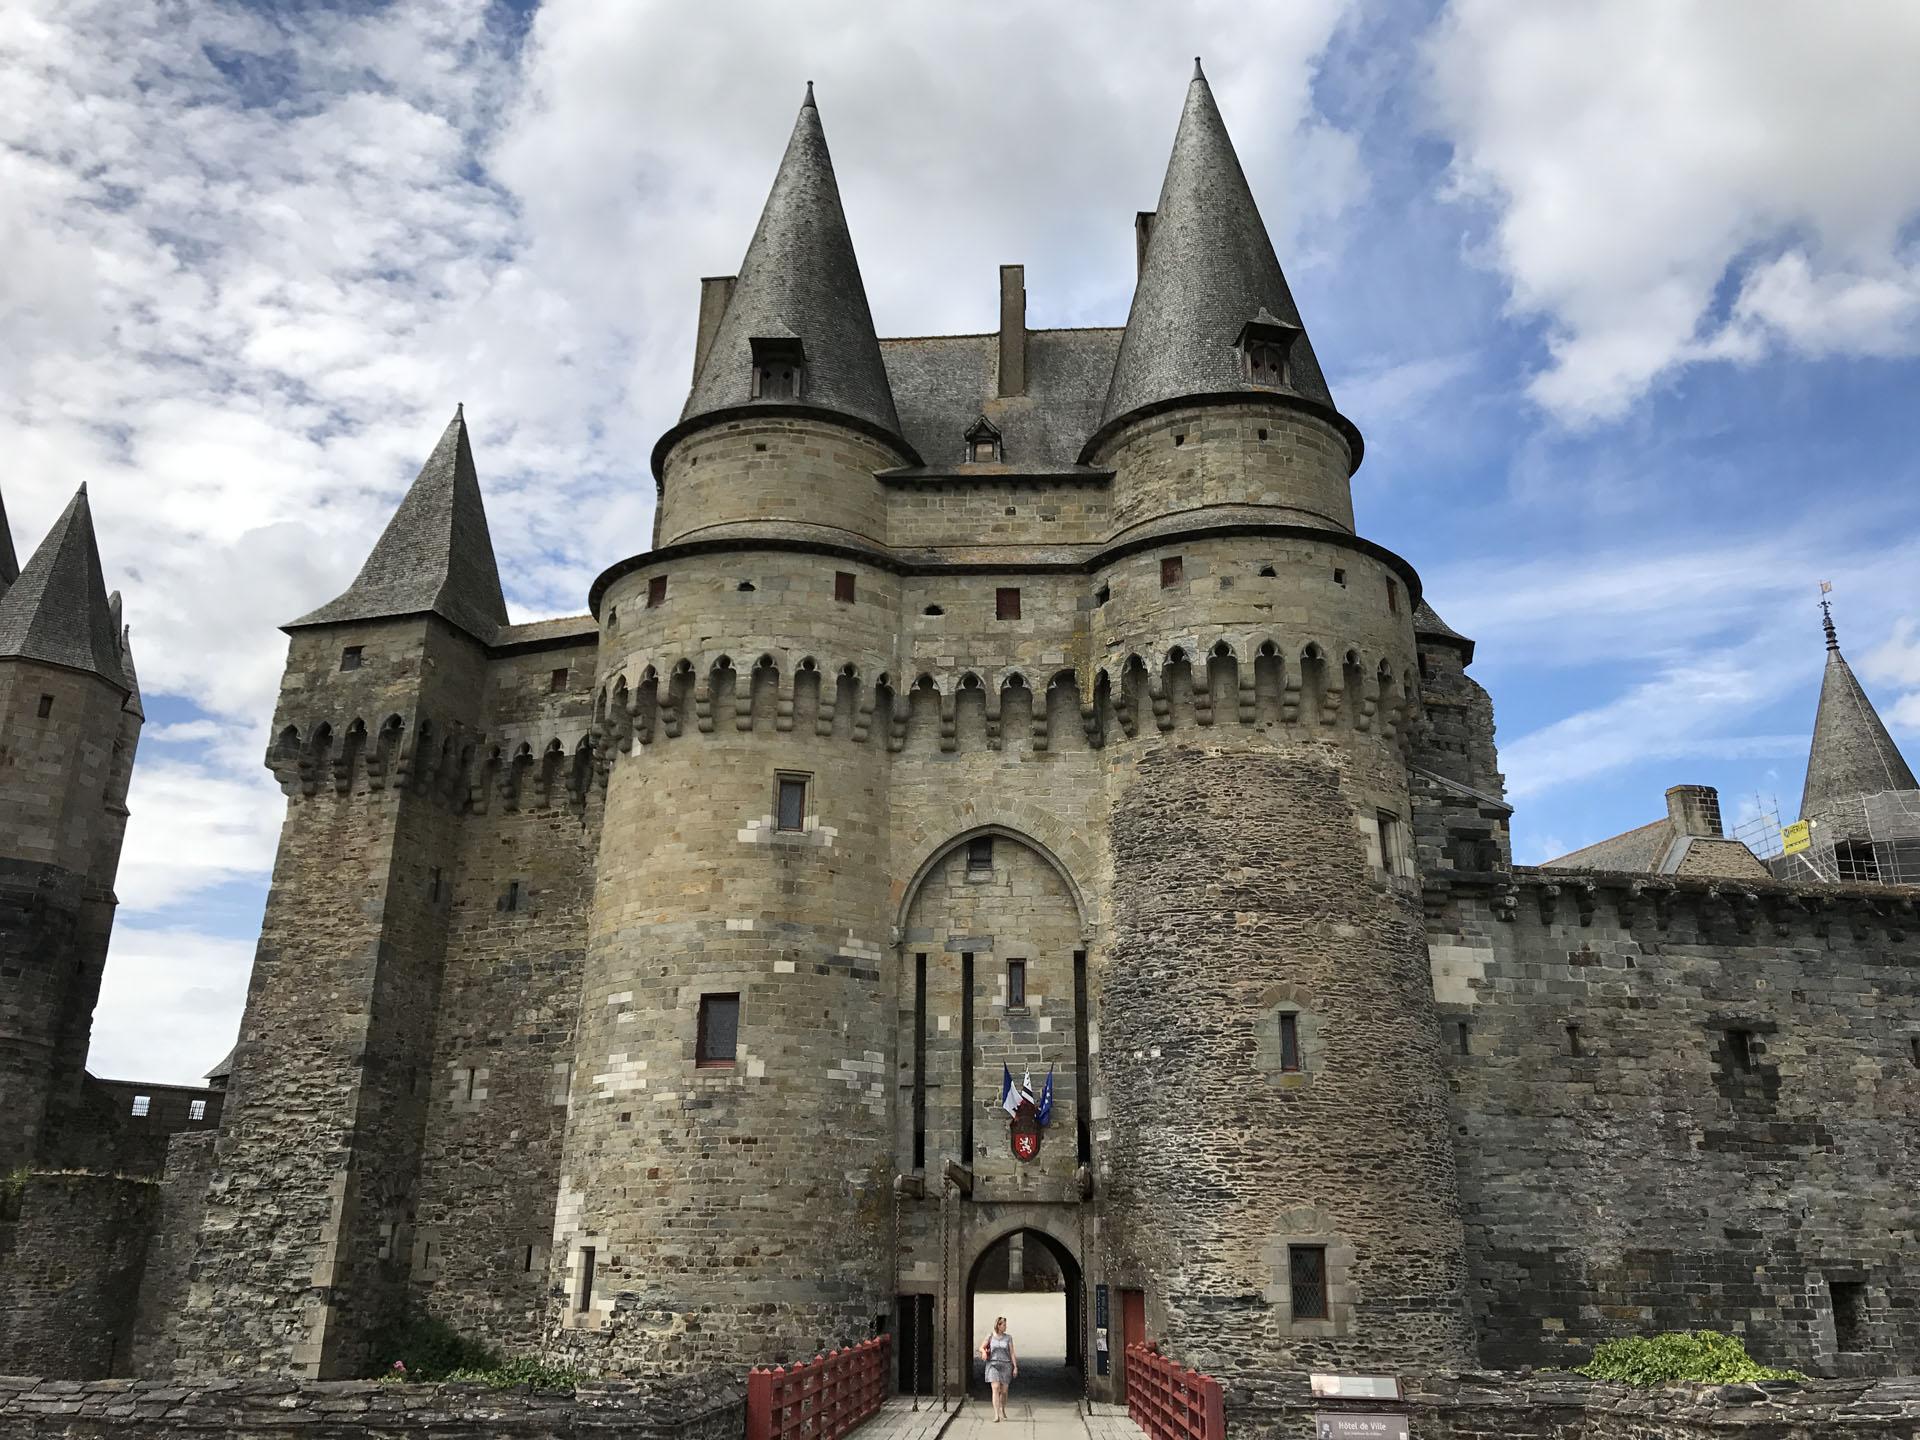 ヴィトレ城の正門